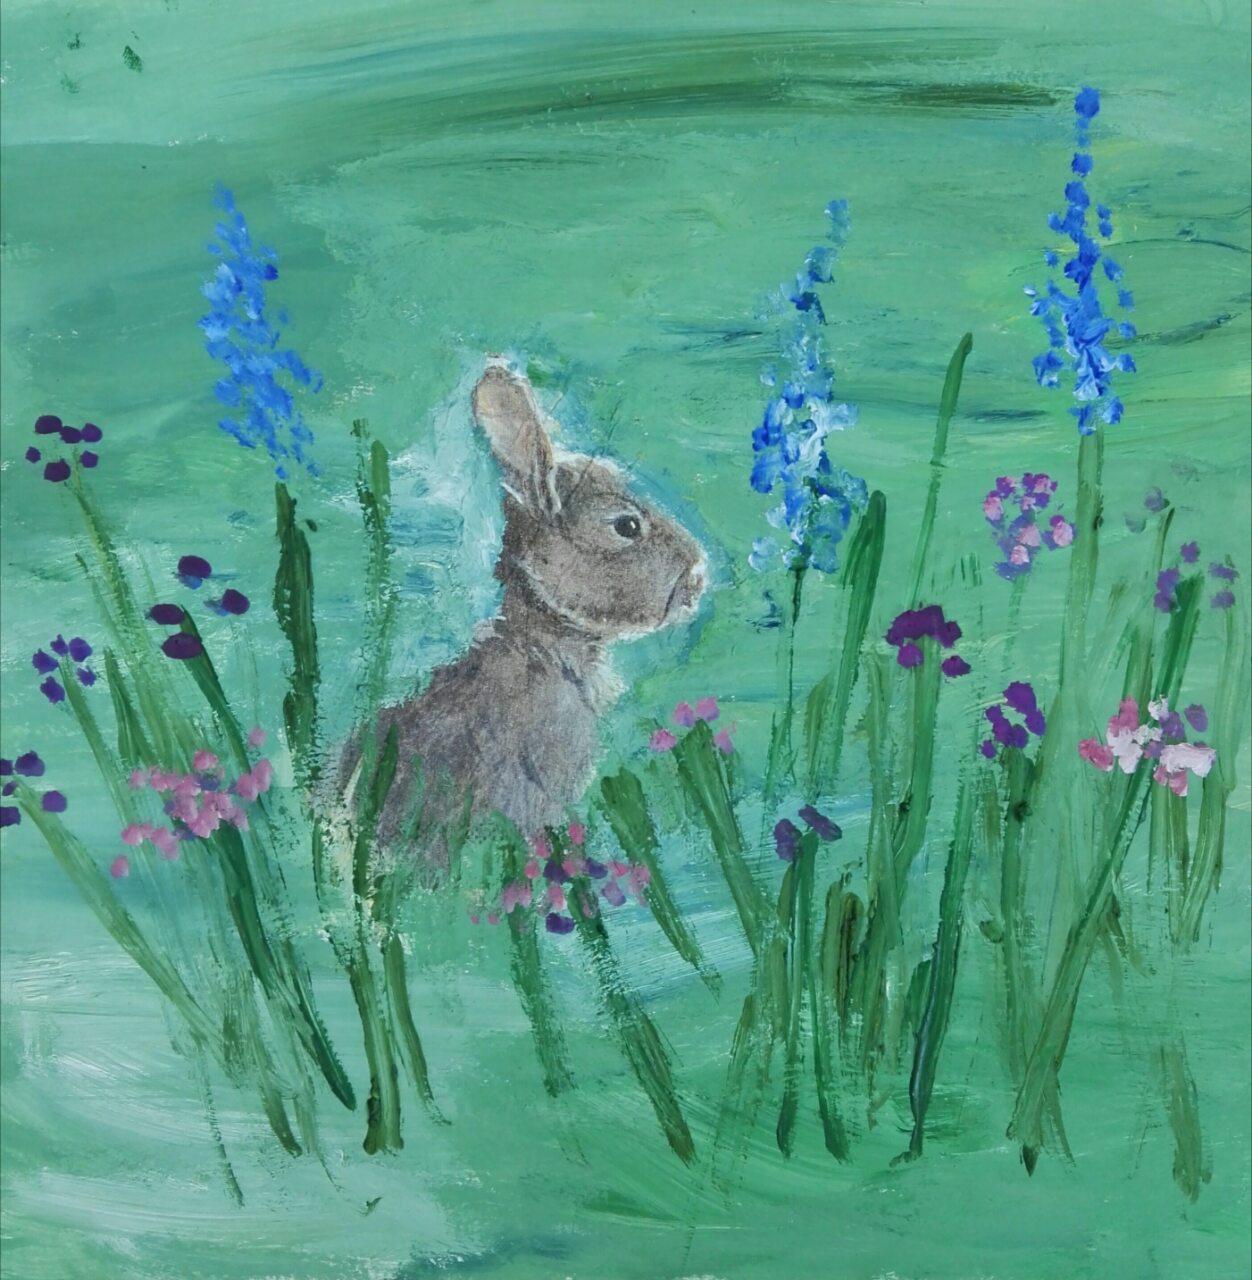 Заяц втраве (2)